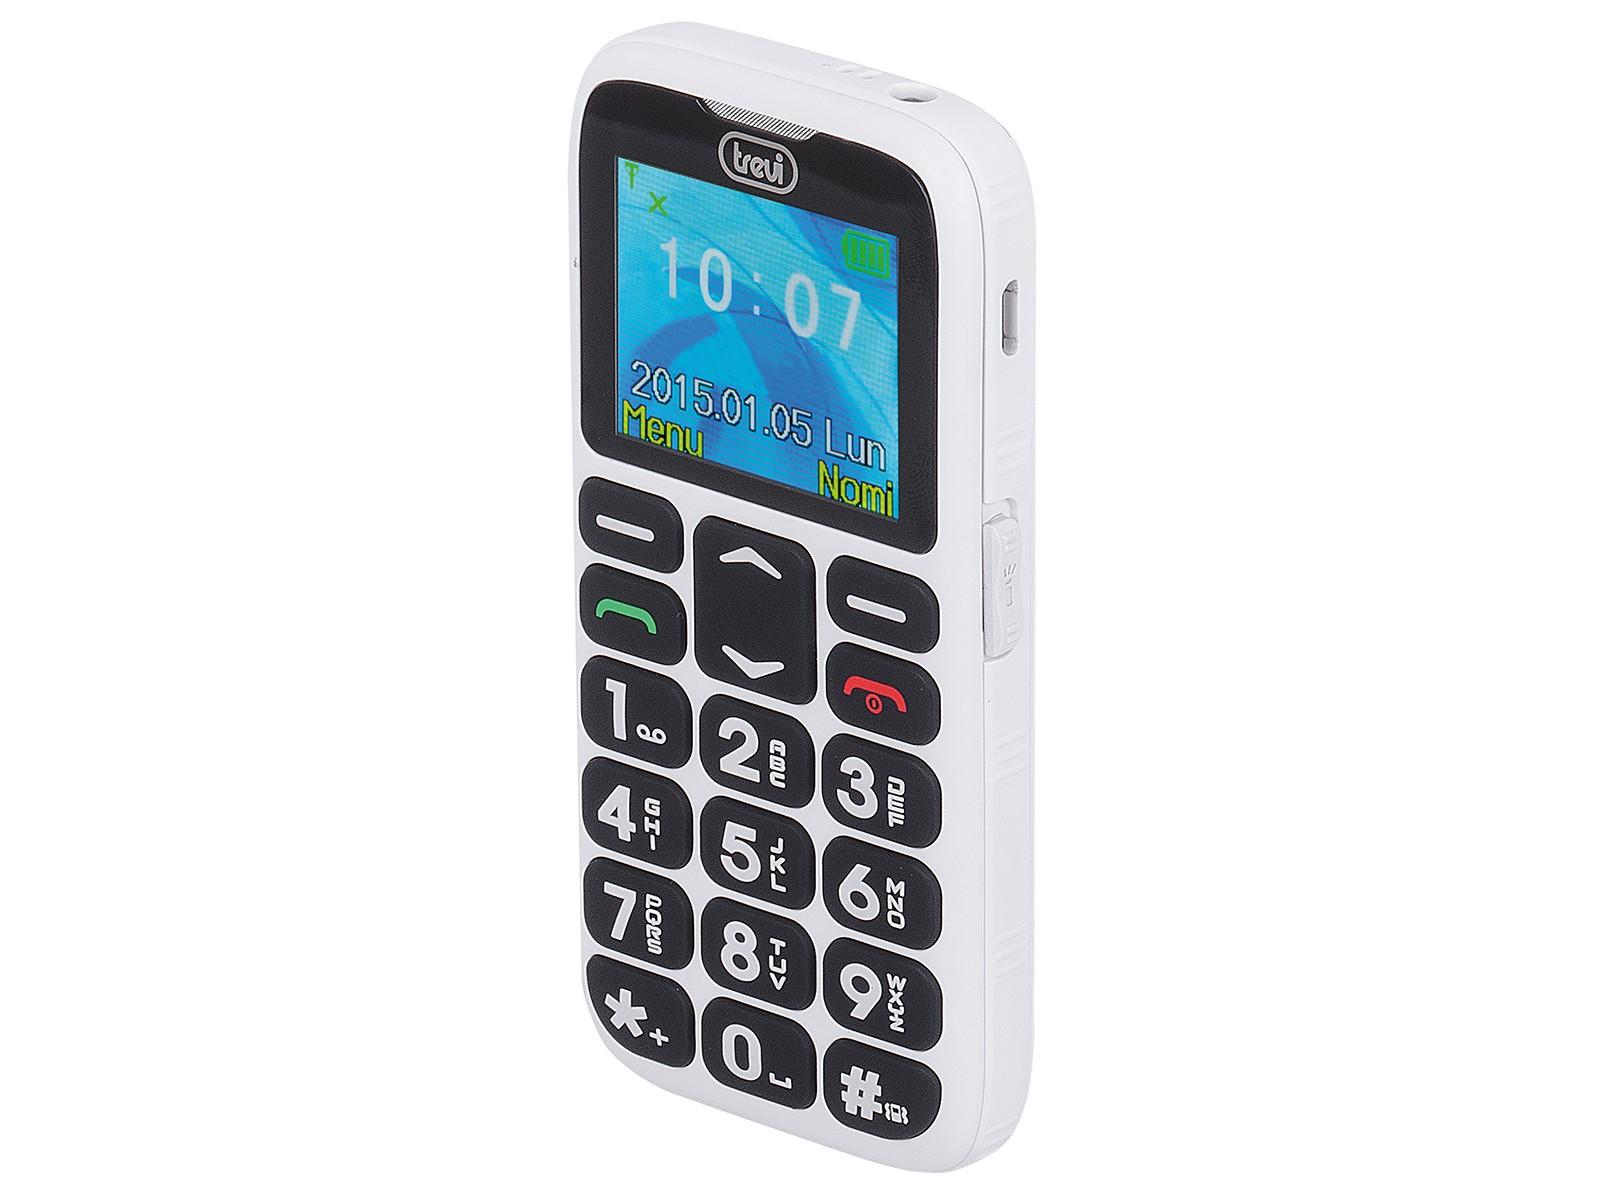 Telefono cellulare per anziani con tasti grandi trevi - Smartphone con tasti ...